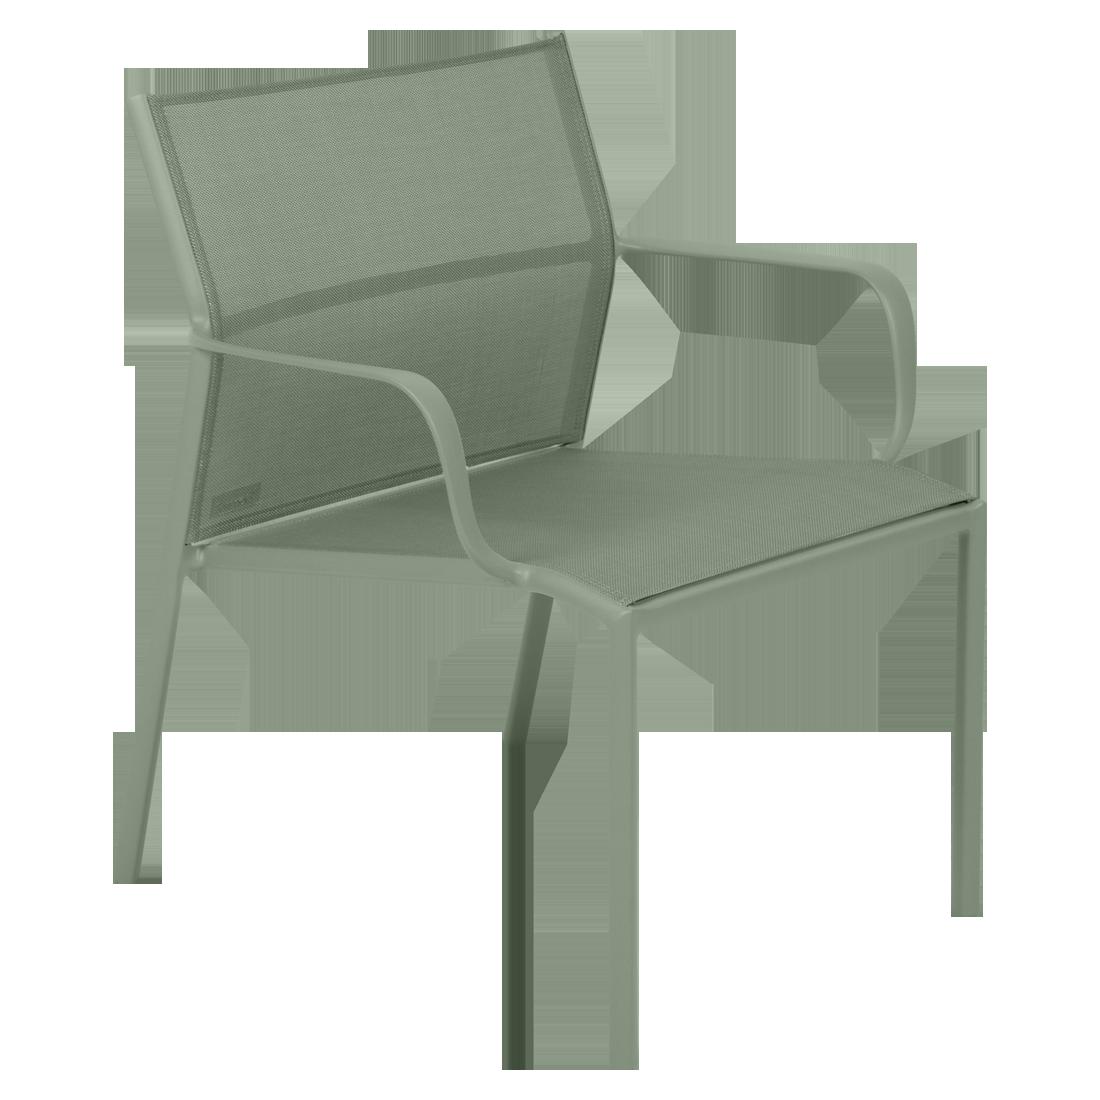 fauteuil bas de jardin, fauteuil bas en métal et toile cactus